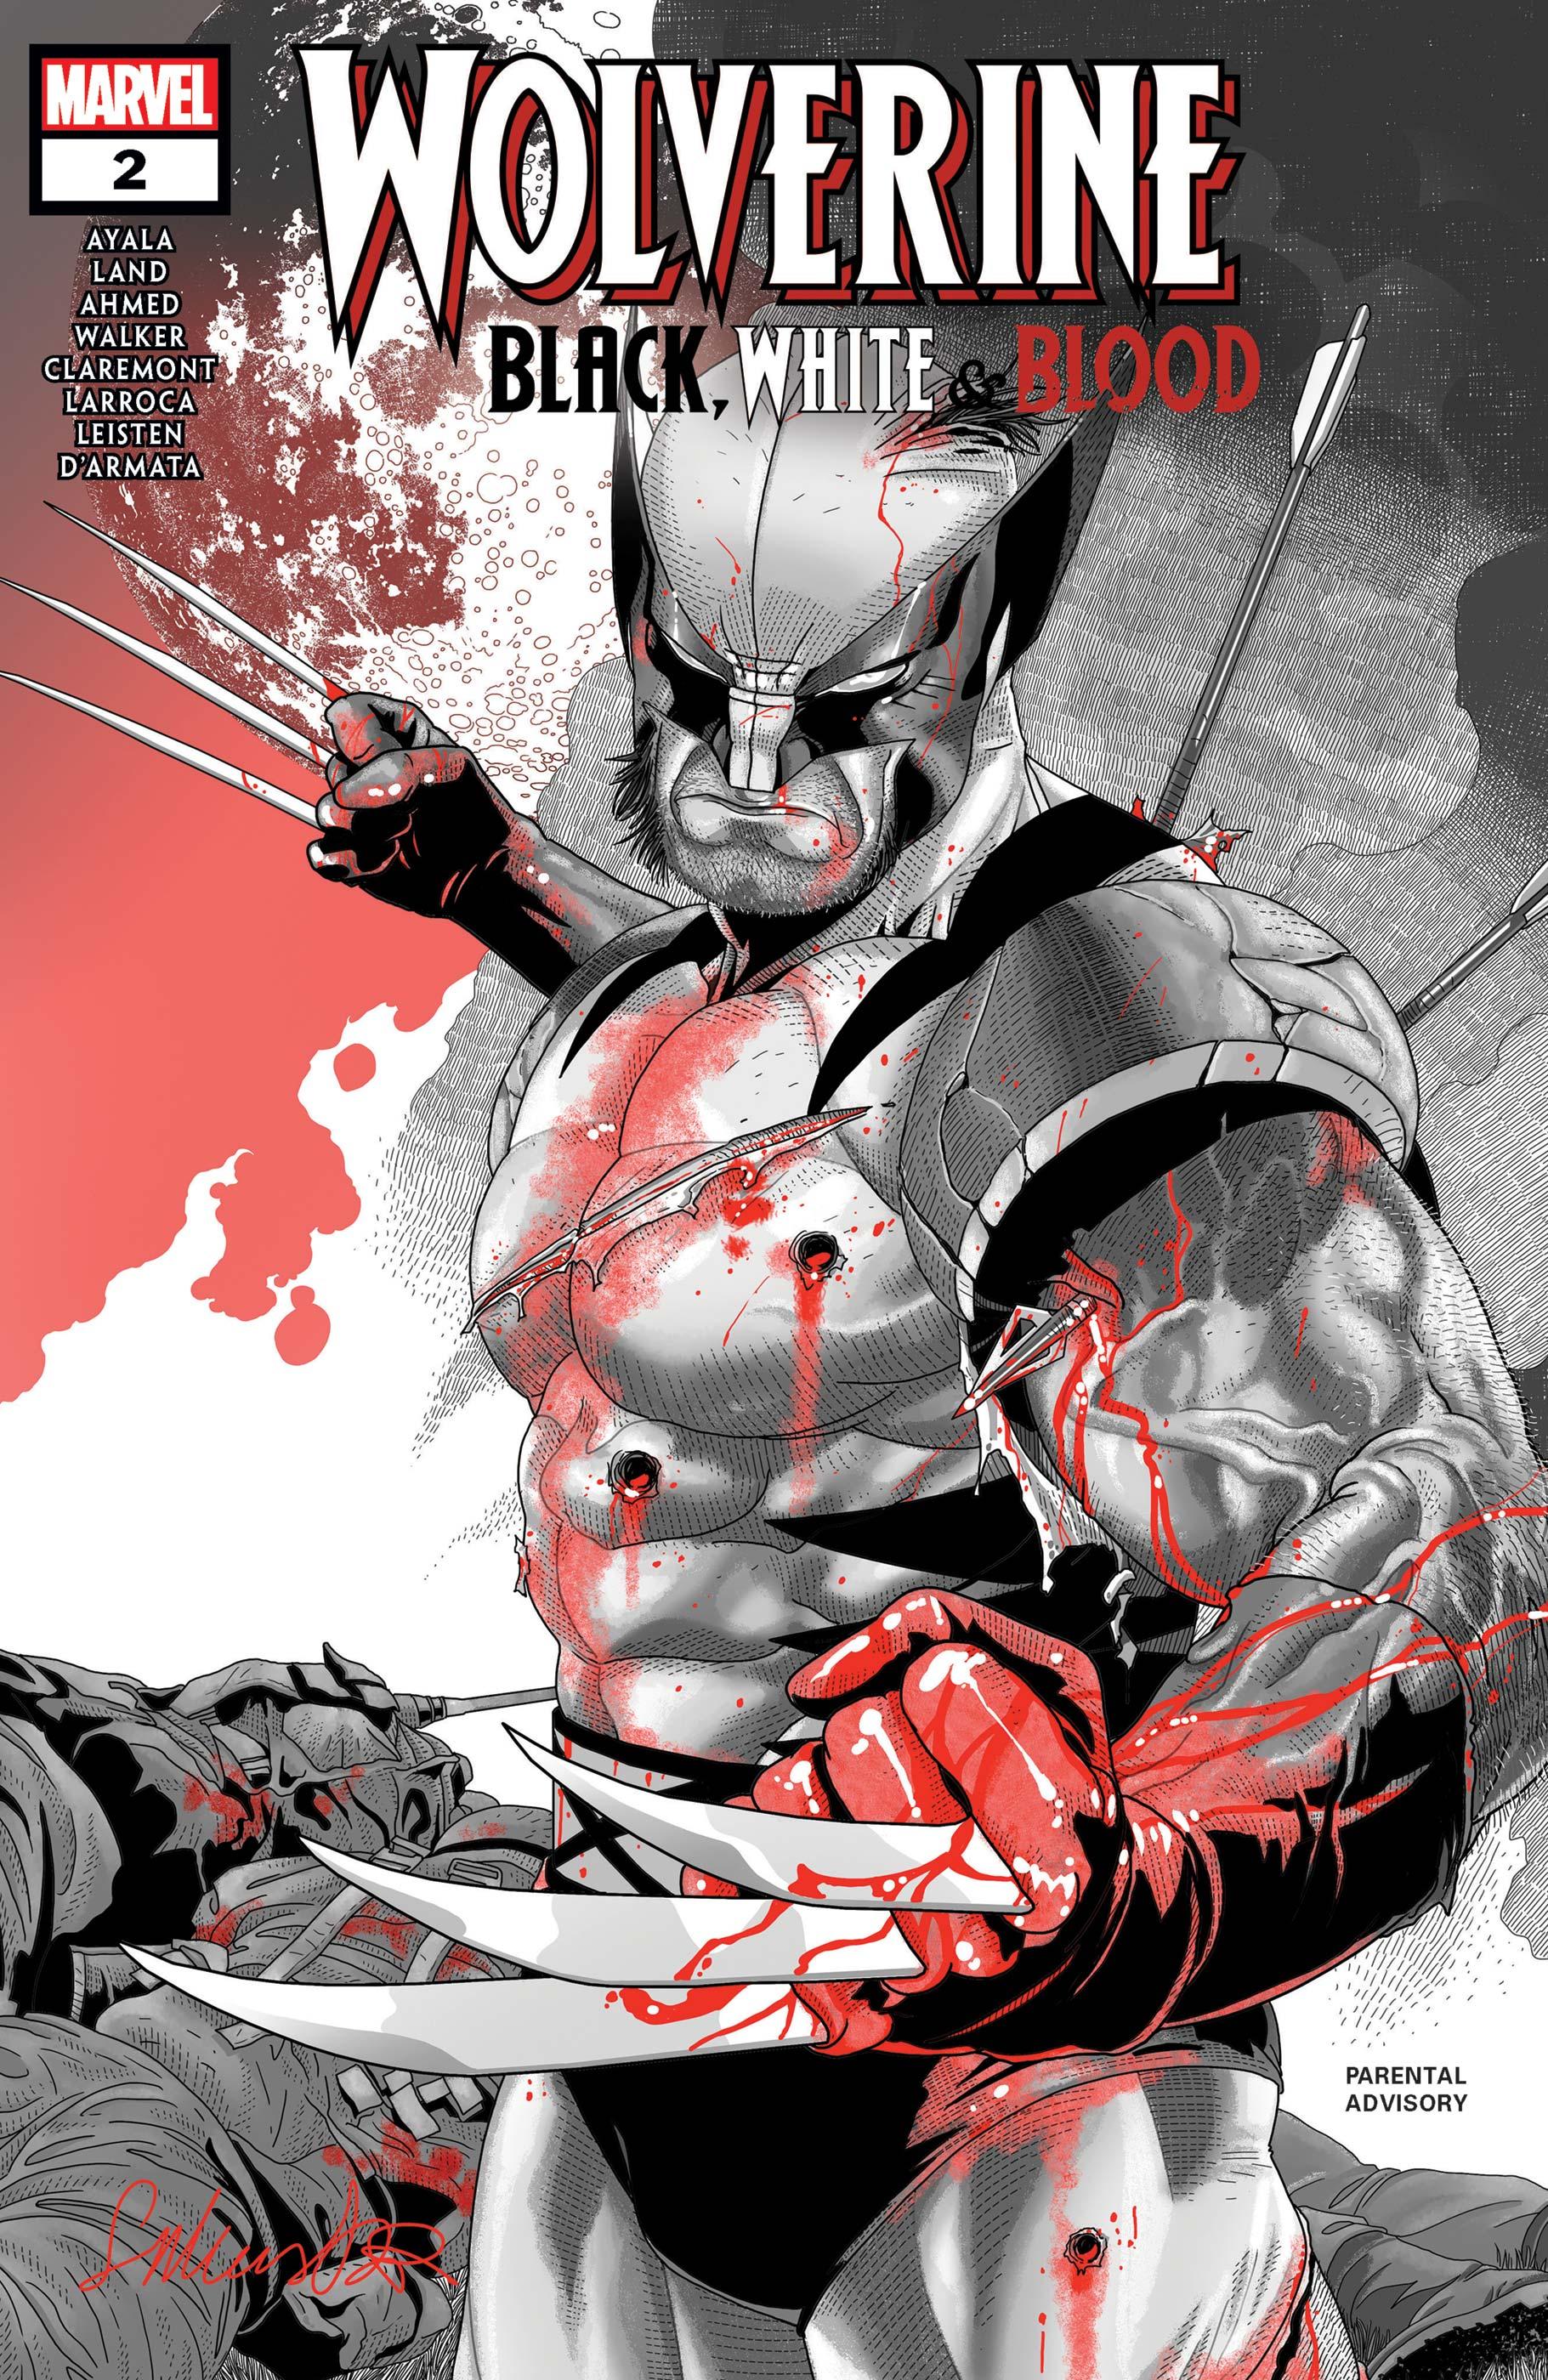 Wolverine: Black, White & Blood (2020) #2